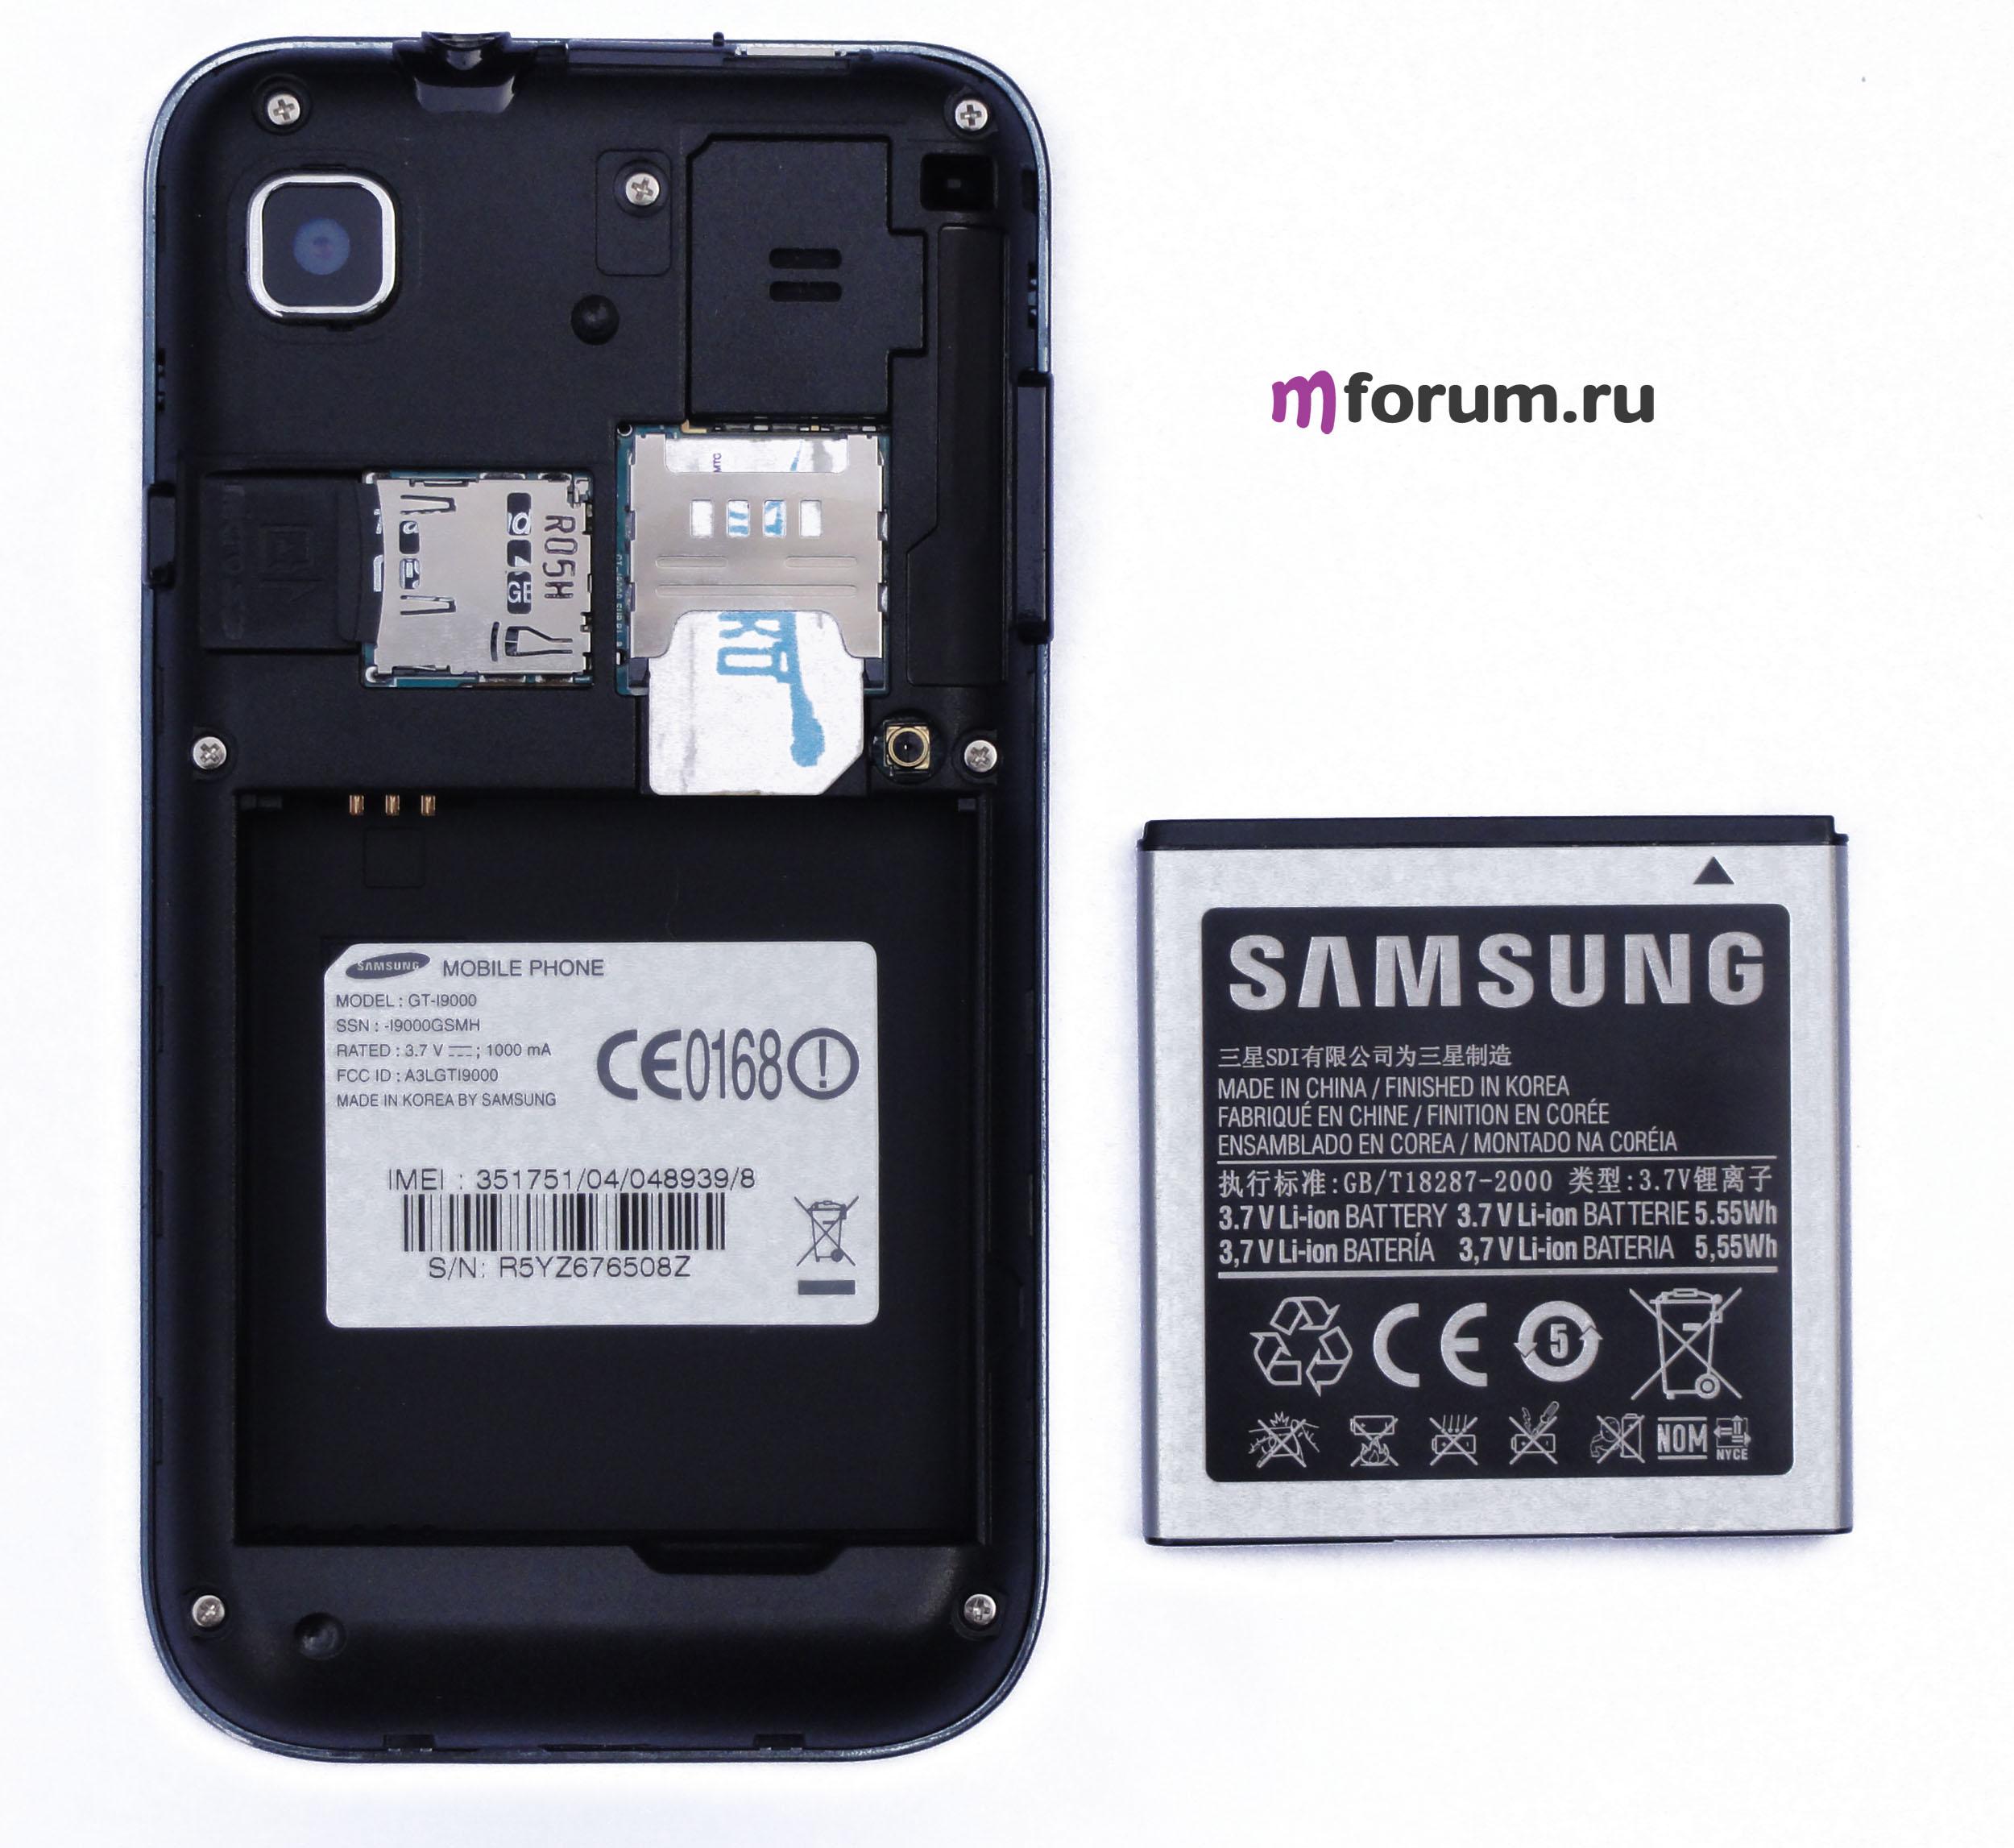 27 фев 2011. как установить платные игры бесплатно на Samsung gt-s8500. и программДмитрий Вороной46,686 views...